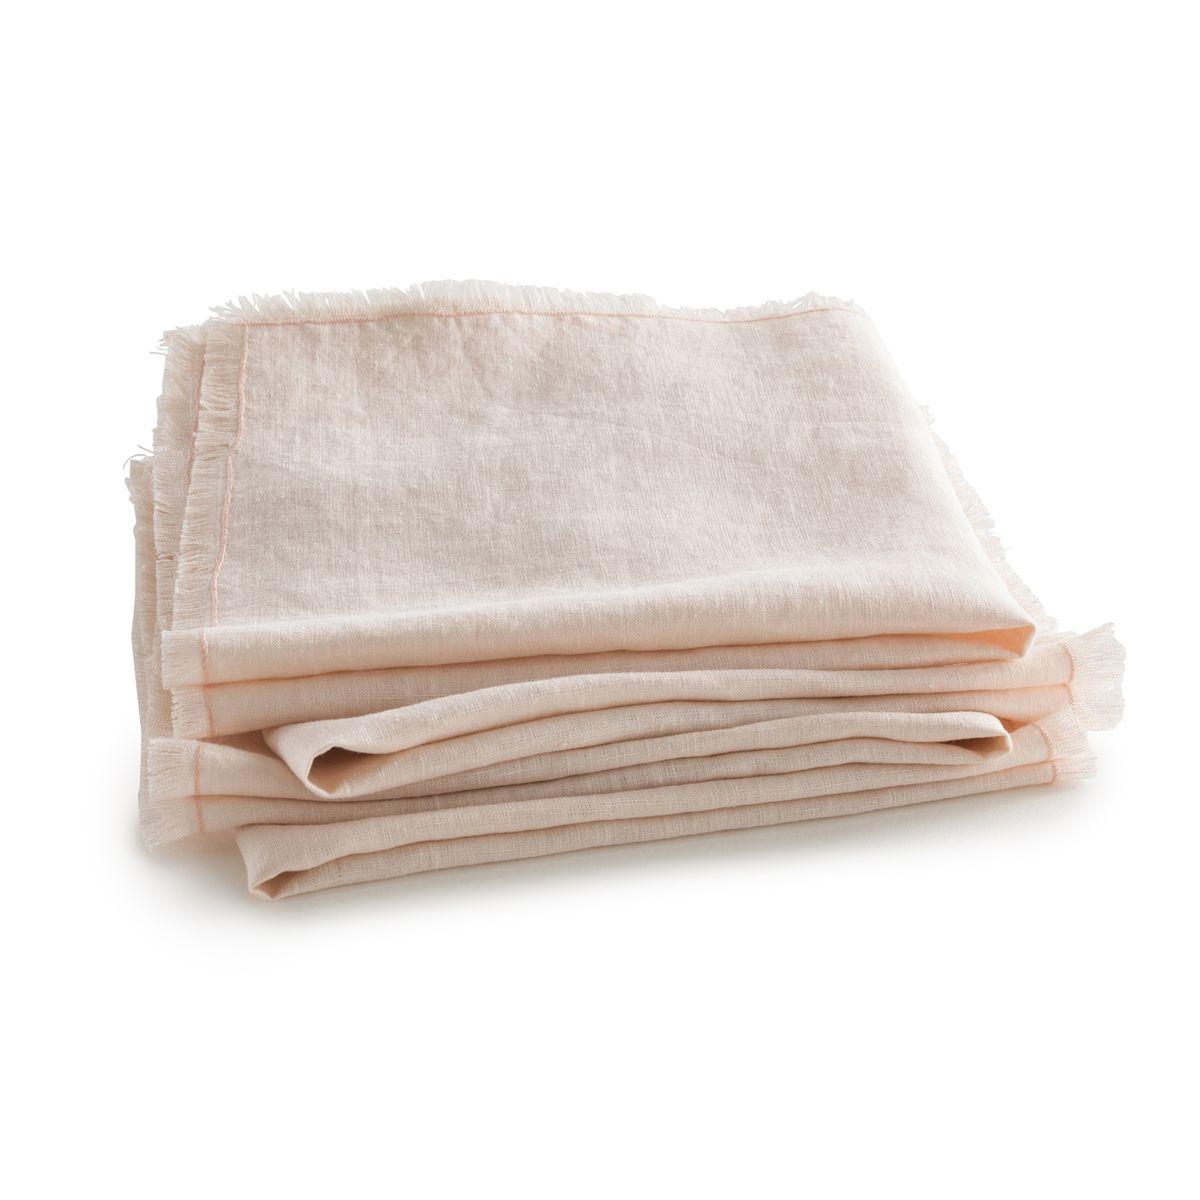 Serviette de table lin lavé, Yastigi (lot de 4)